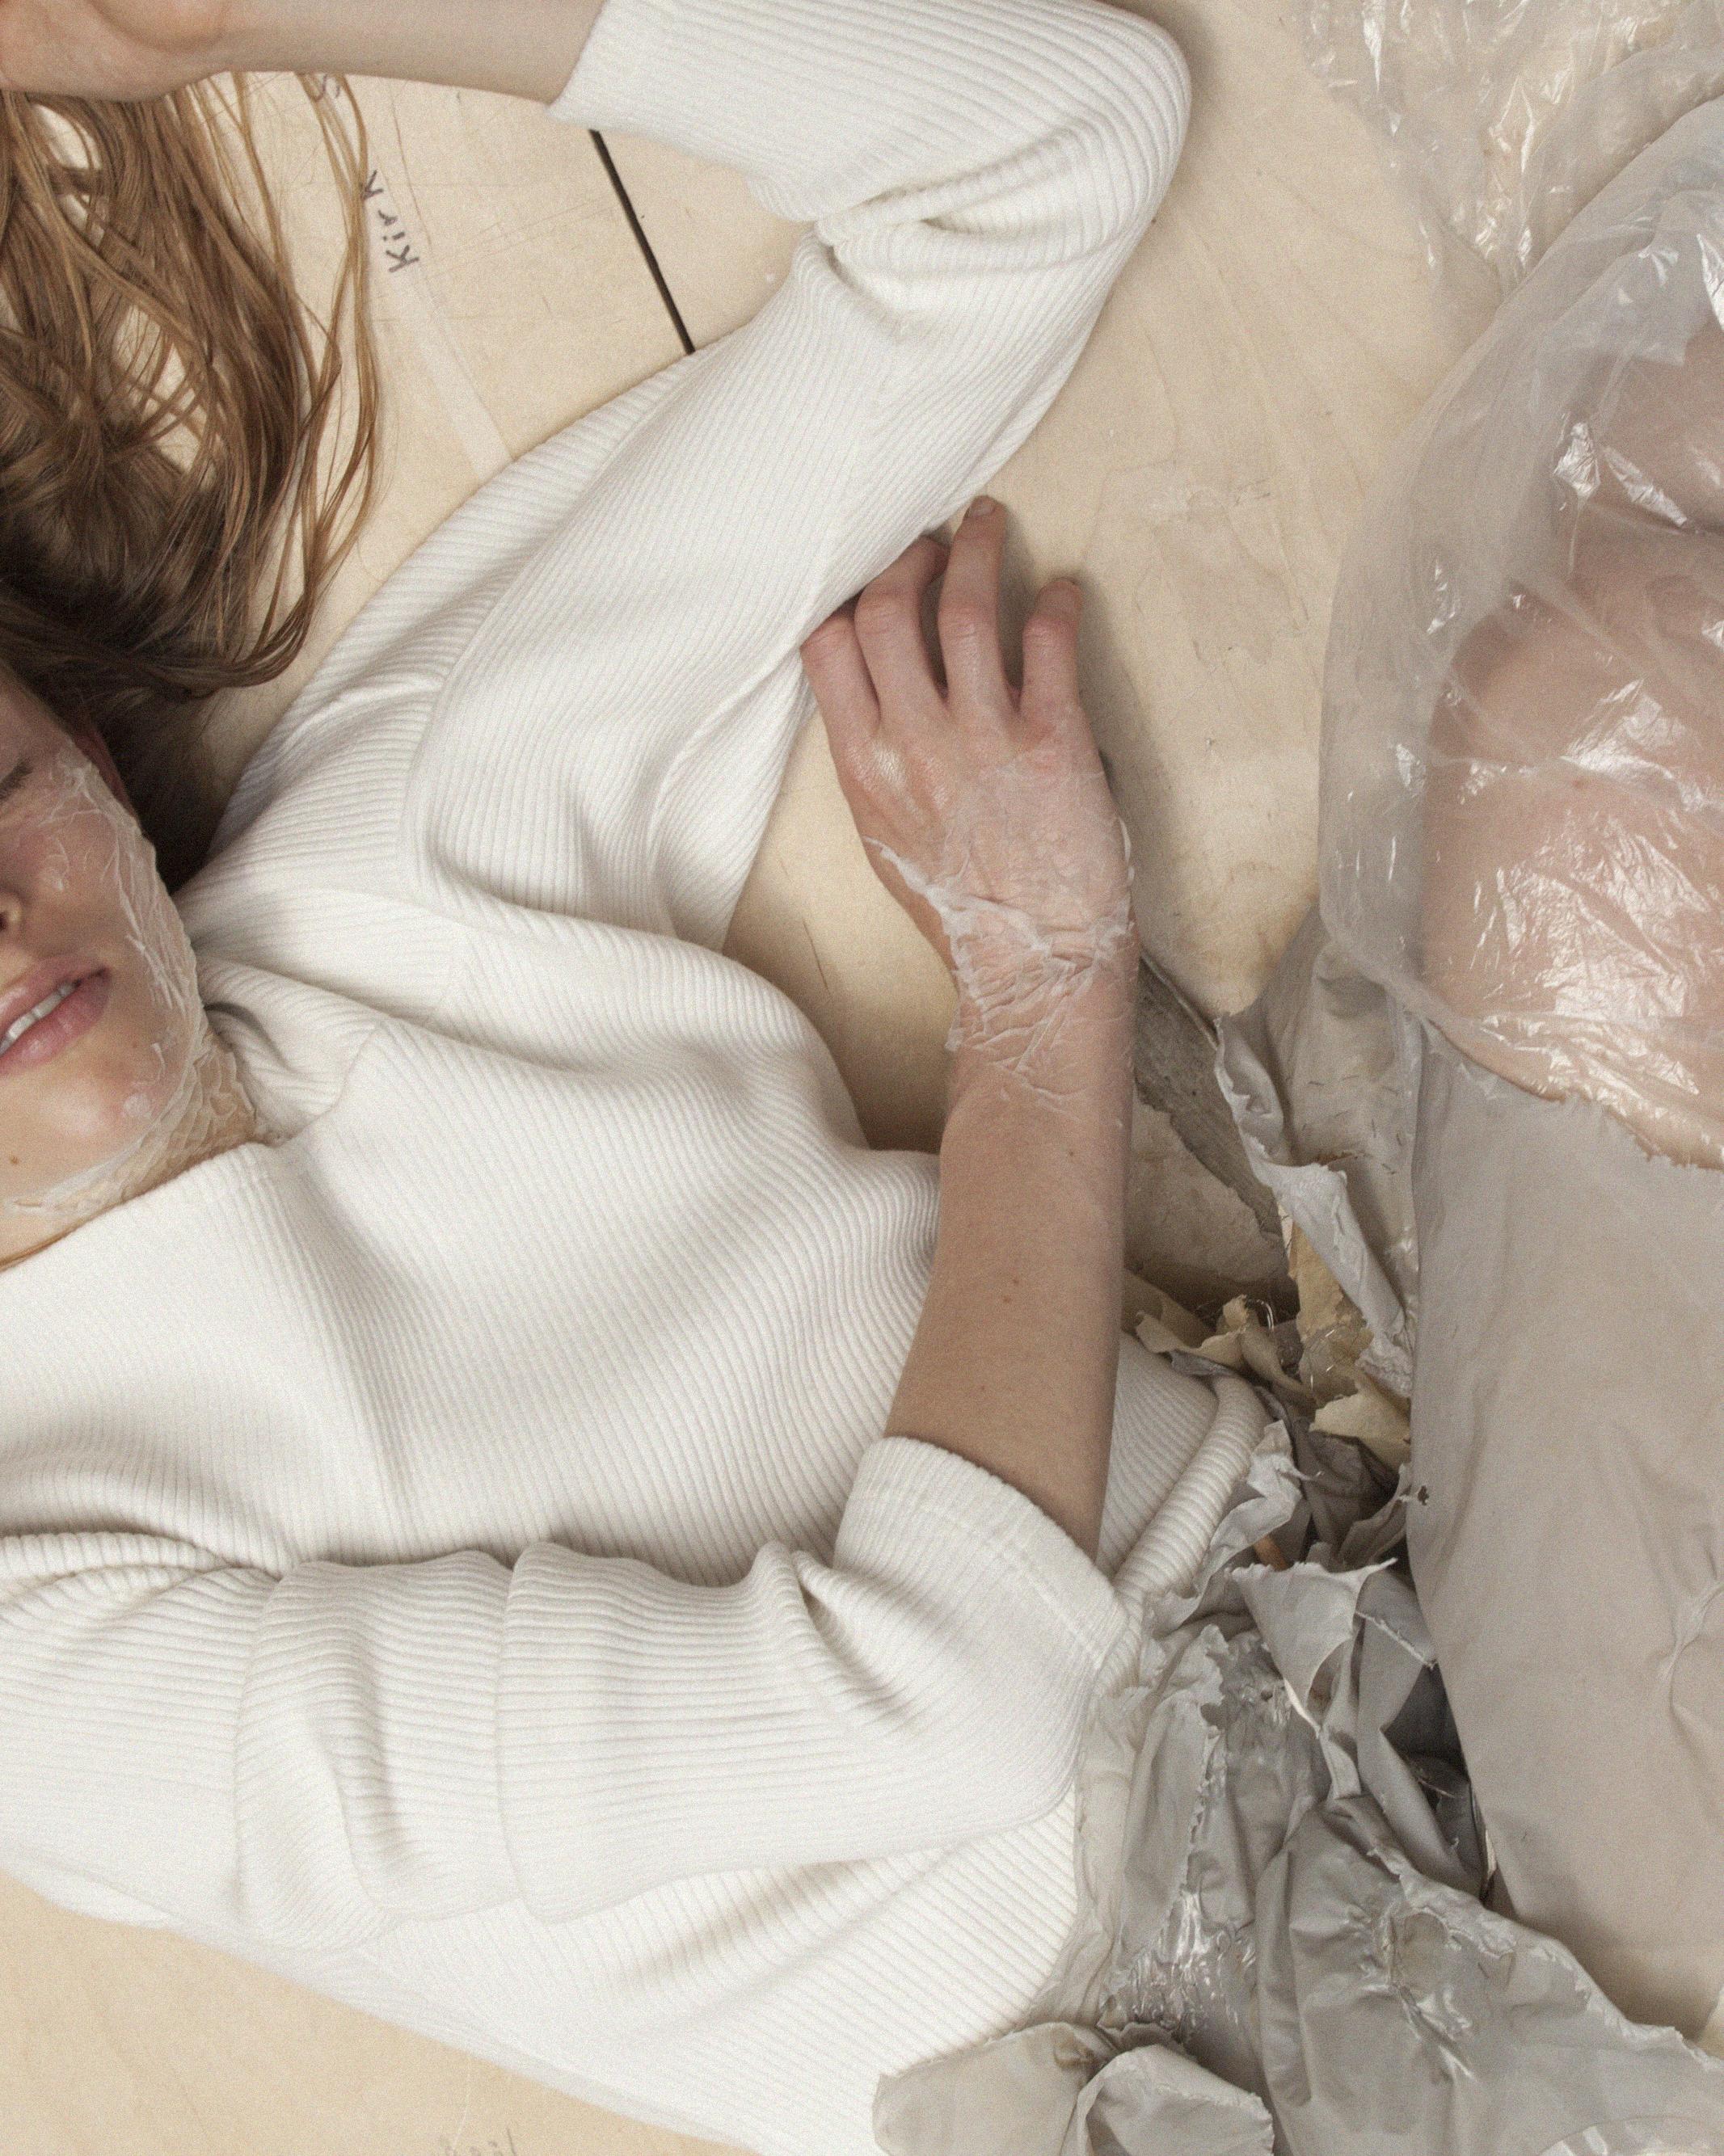 Top  Regina Pyo at Young British Designers  Skirt  Matthew Needham